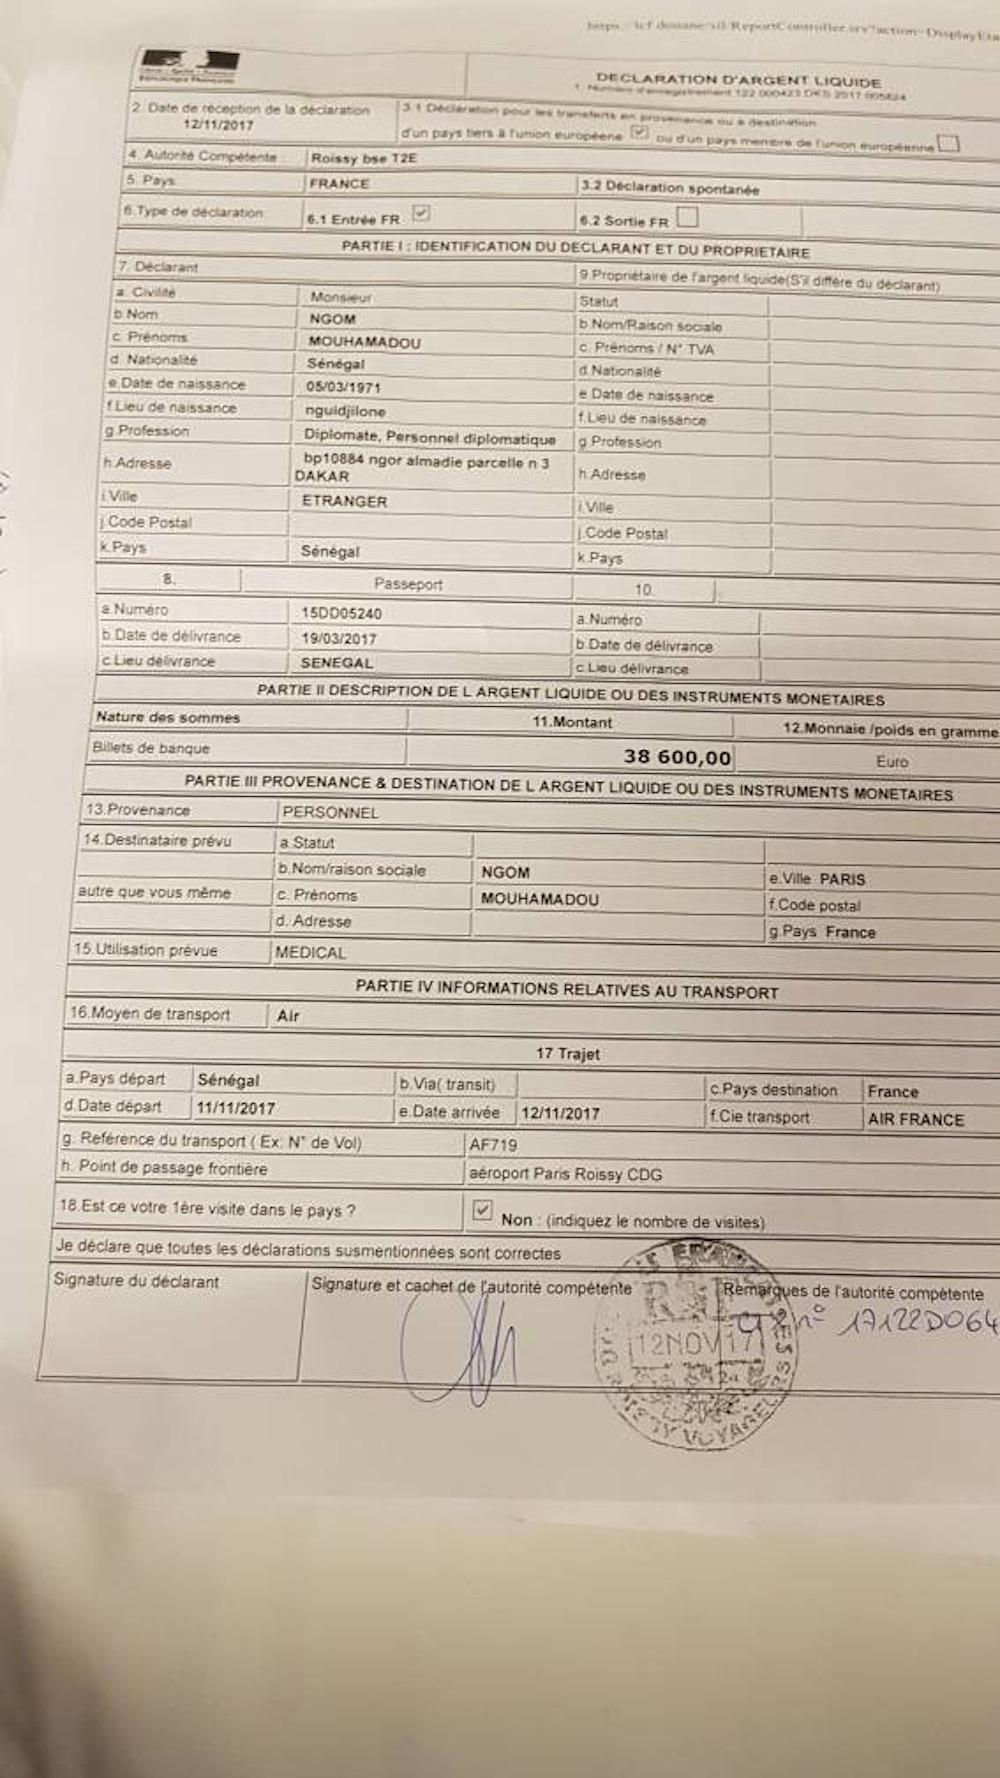 La maladie de sa mère, les 38 600 euros et le rôle de Mamadou Lamine Massaly / Farba Ngom dément la rumeur de son arrestation et exhibe les preuves du complot (DOCUMENT)